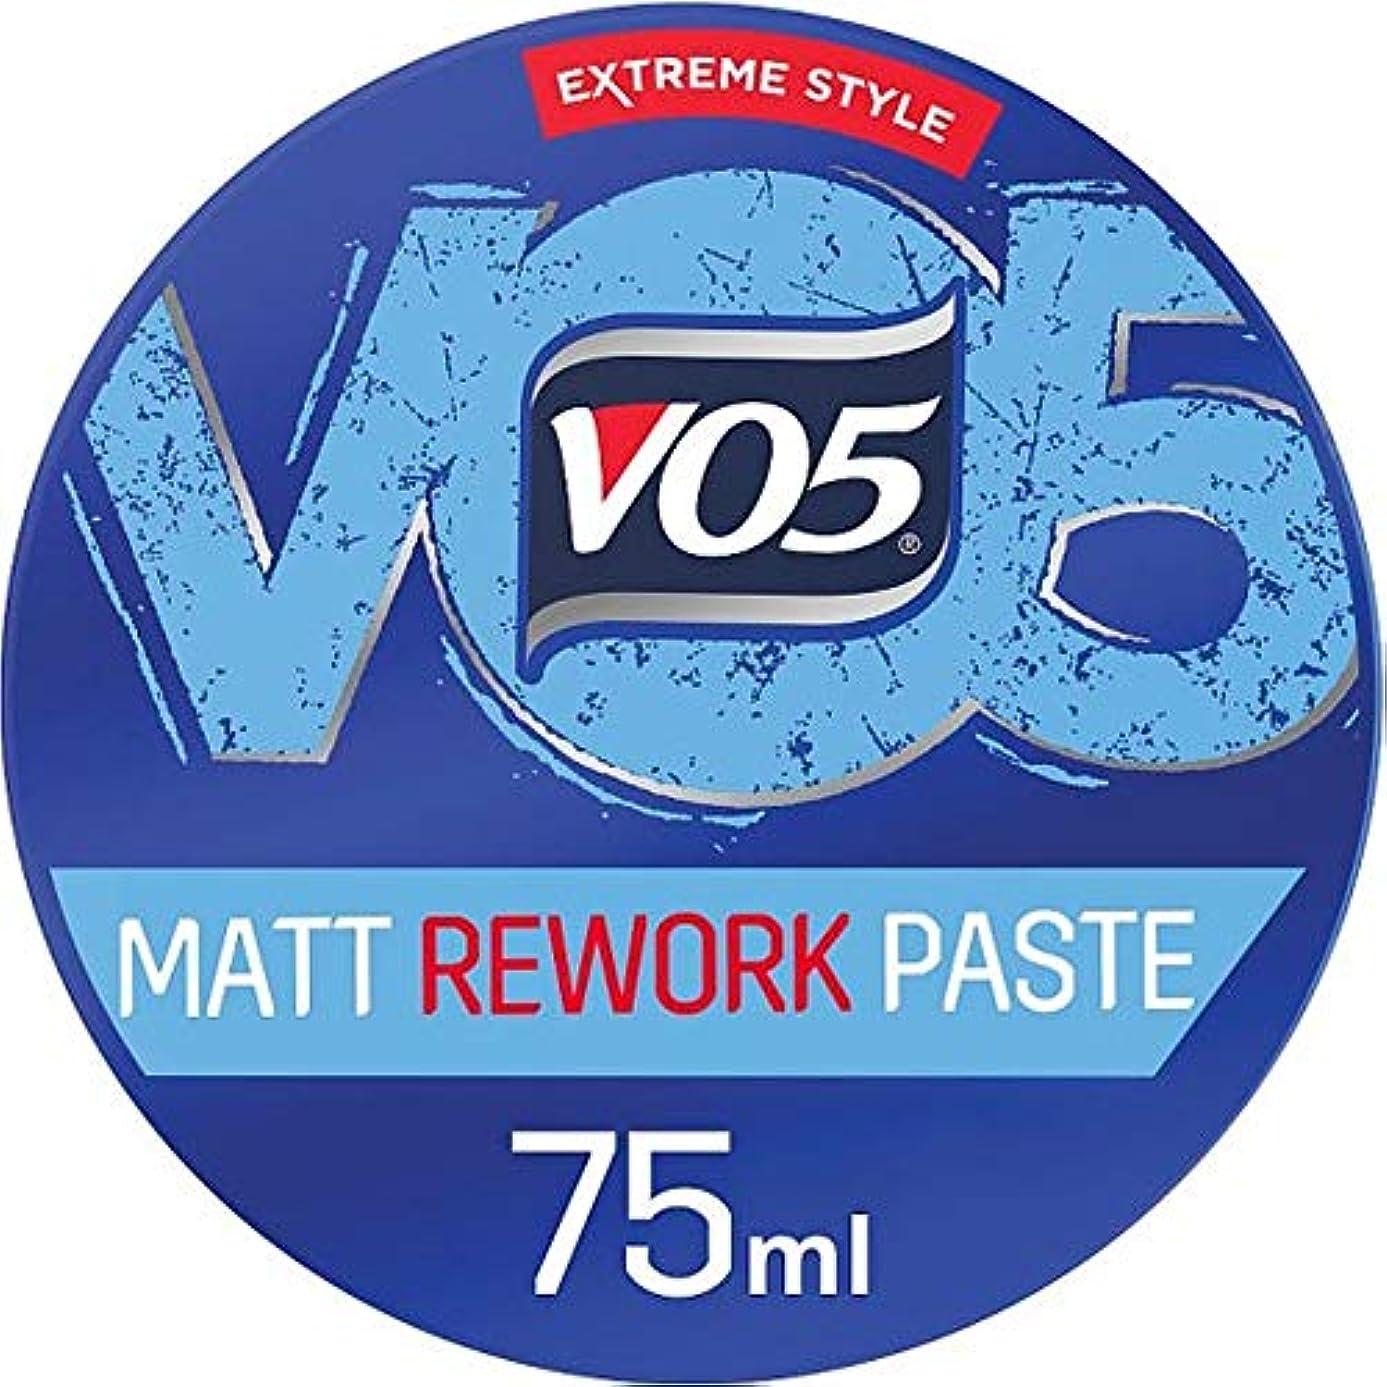 半円回想敬礼[Vo5] Vo5極端なスタイルマットリワークペースト75ミリリットル - Vo5 Extreme Style Matte Rework Paste 75Ml [並行輸入品]